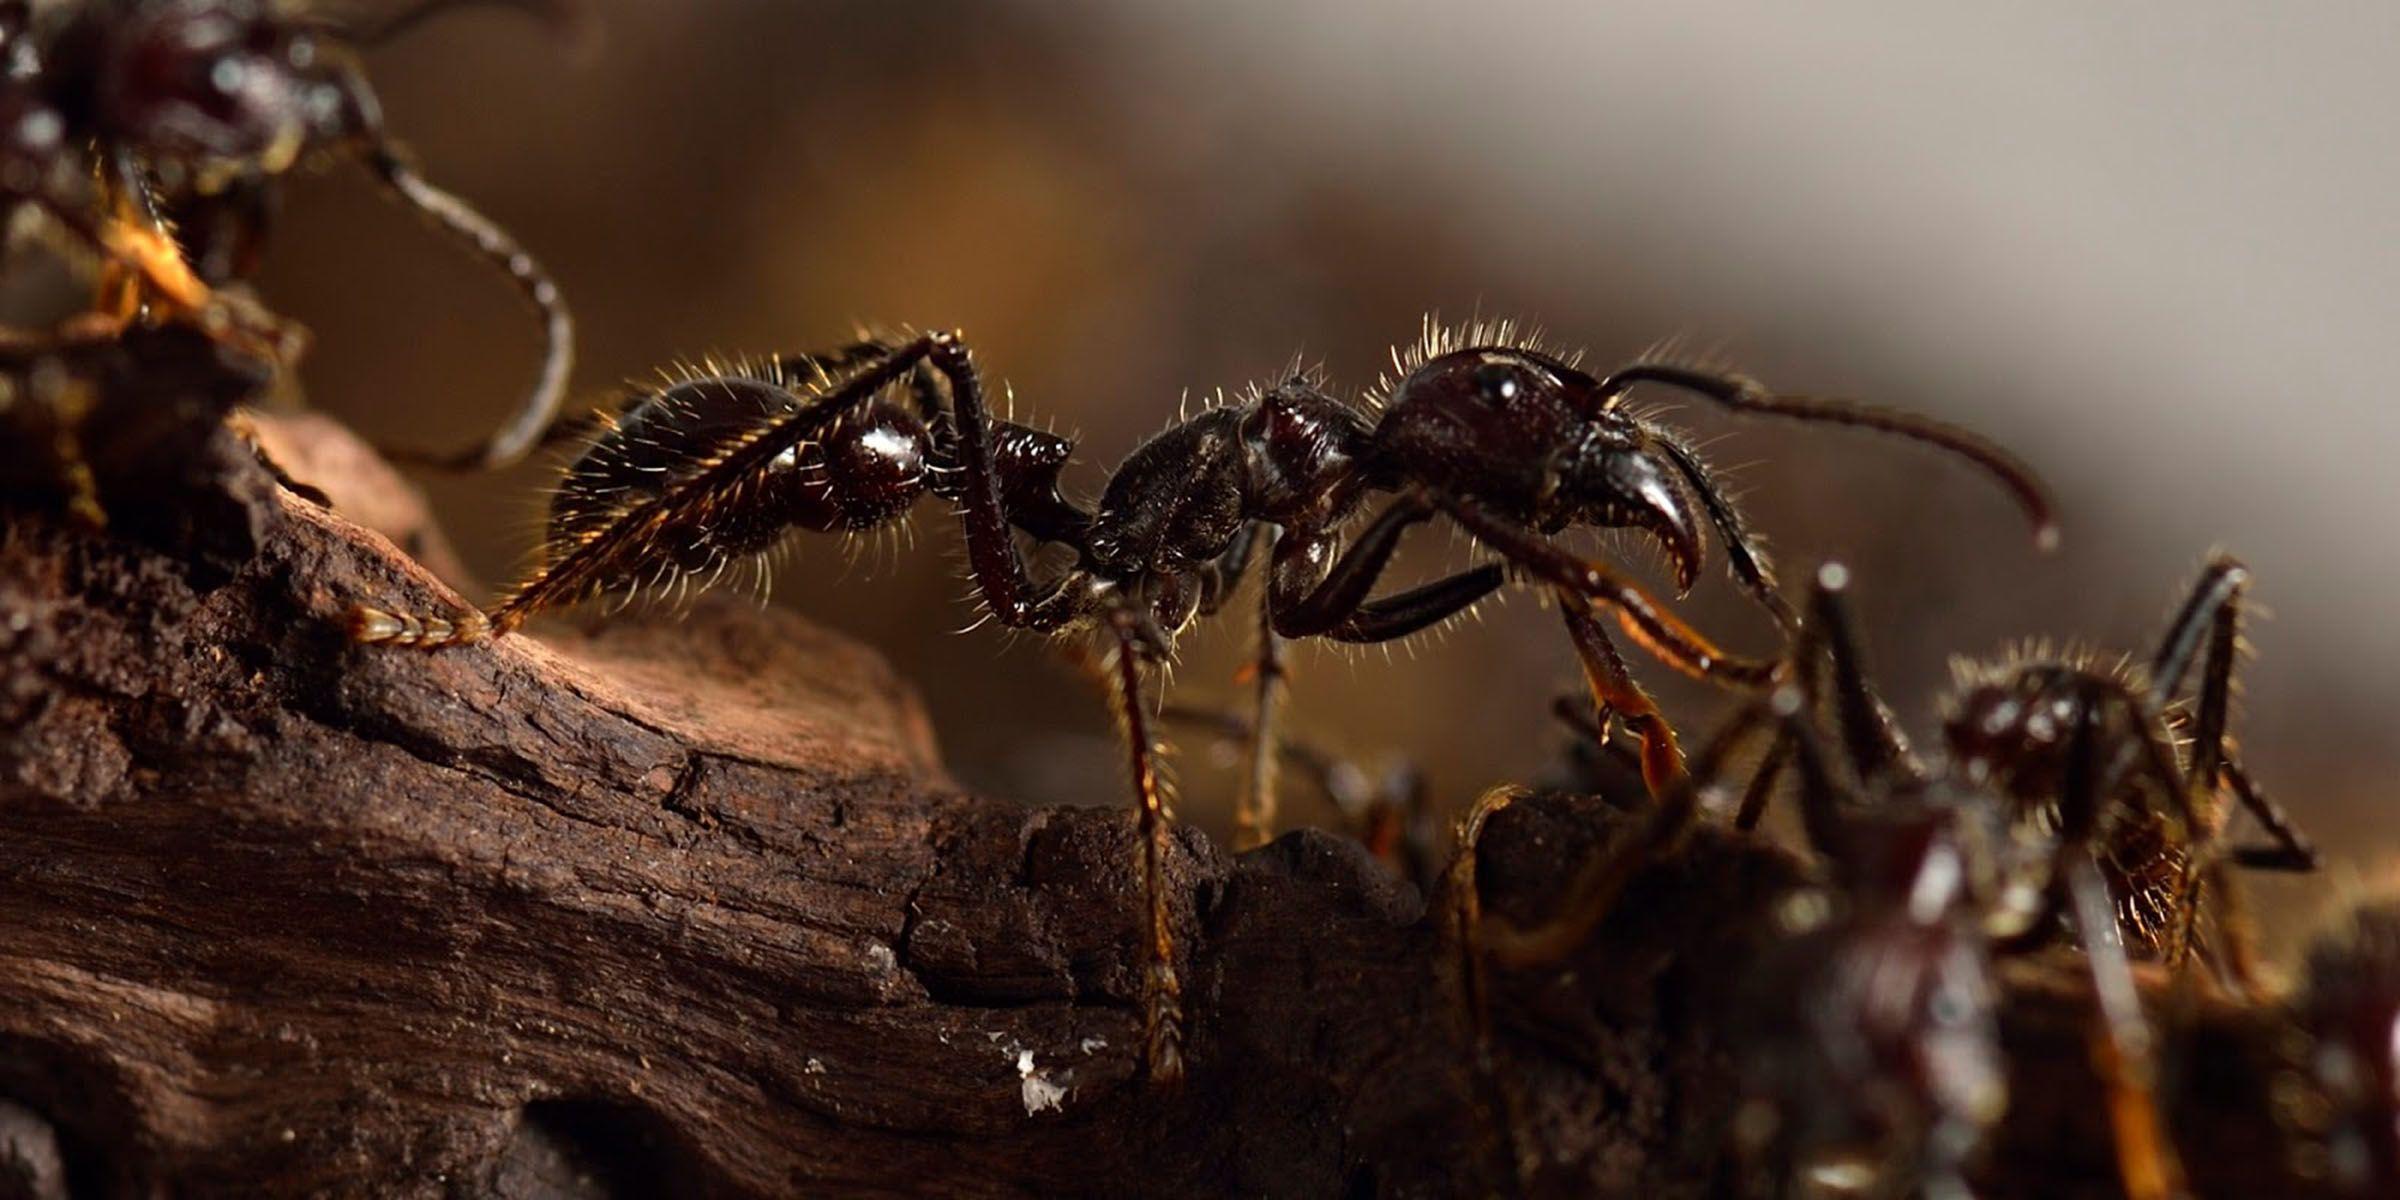 Tratamiento de termitas